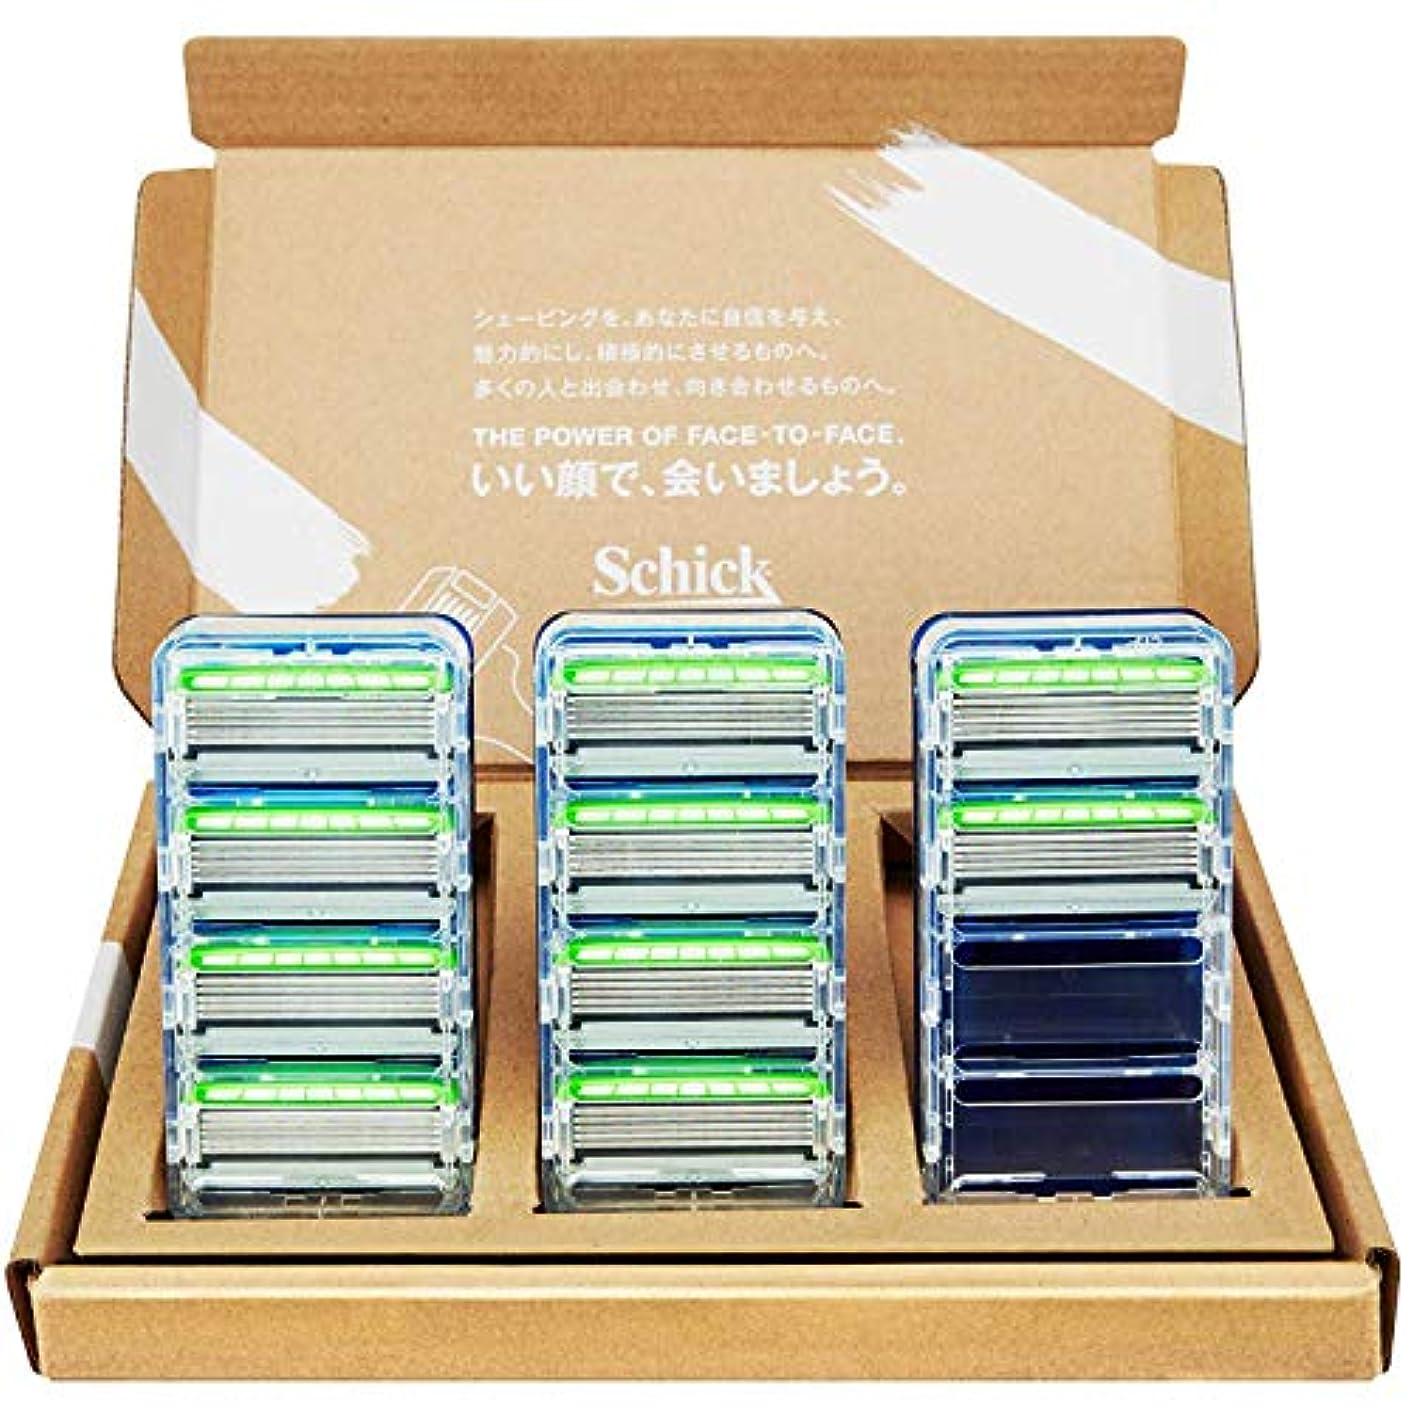 カイウスギネス小さな【Amazon.co.jp 限定】シック ハイドロ5 カスタム コンフォート 替刃 10コ入